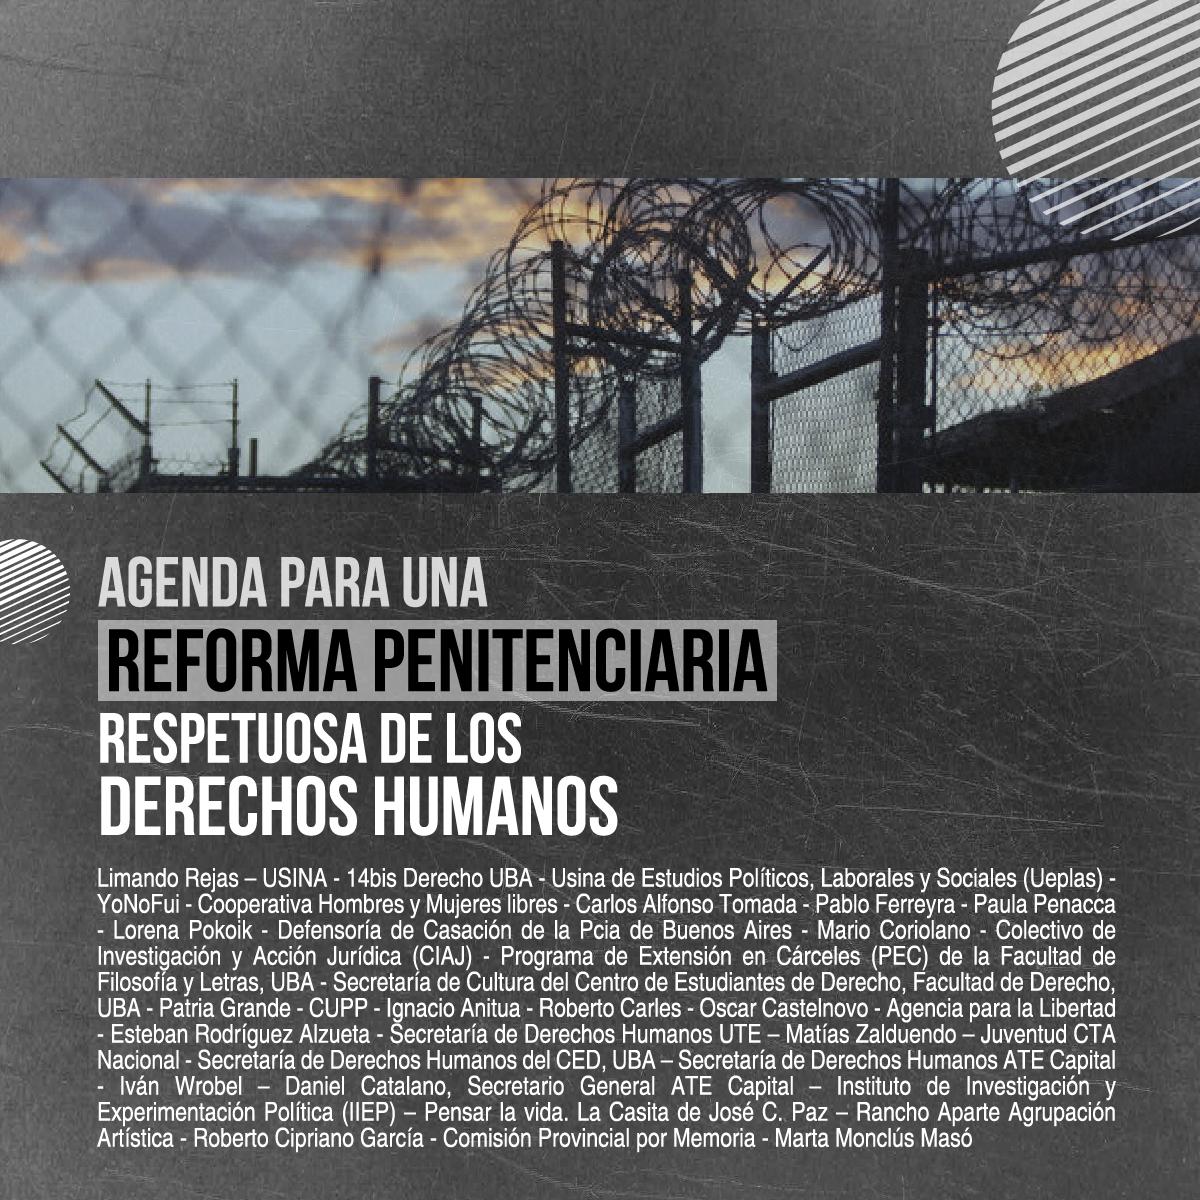 Agenda para una reforma penitenciaria respetuosa de los DDHH